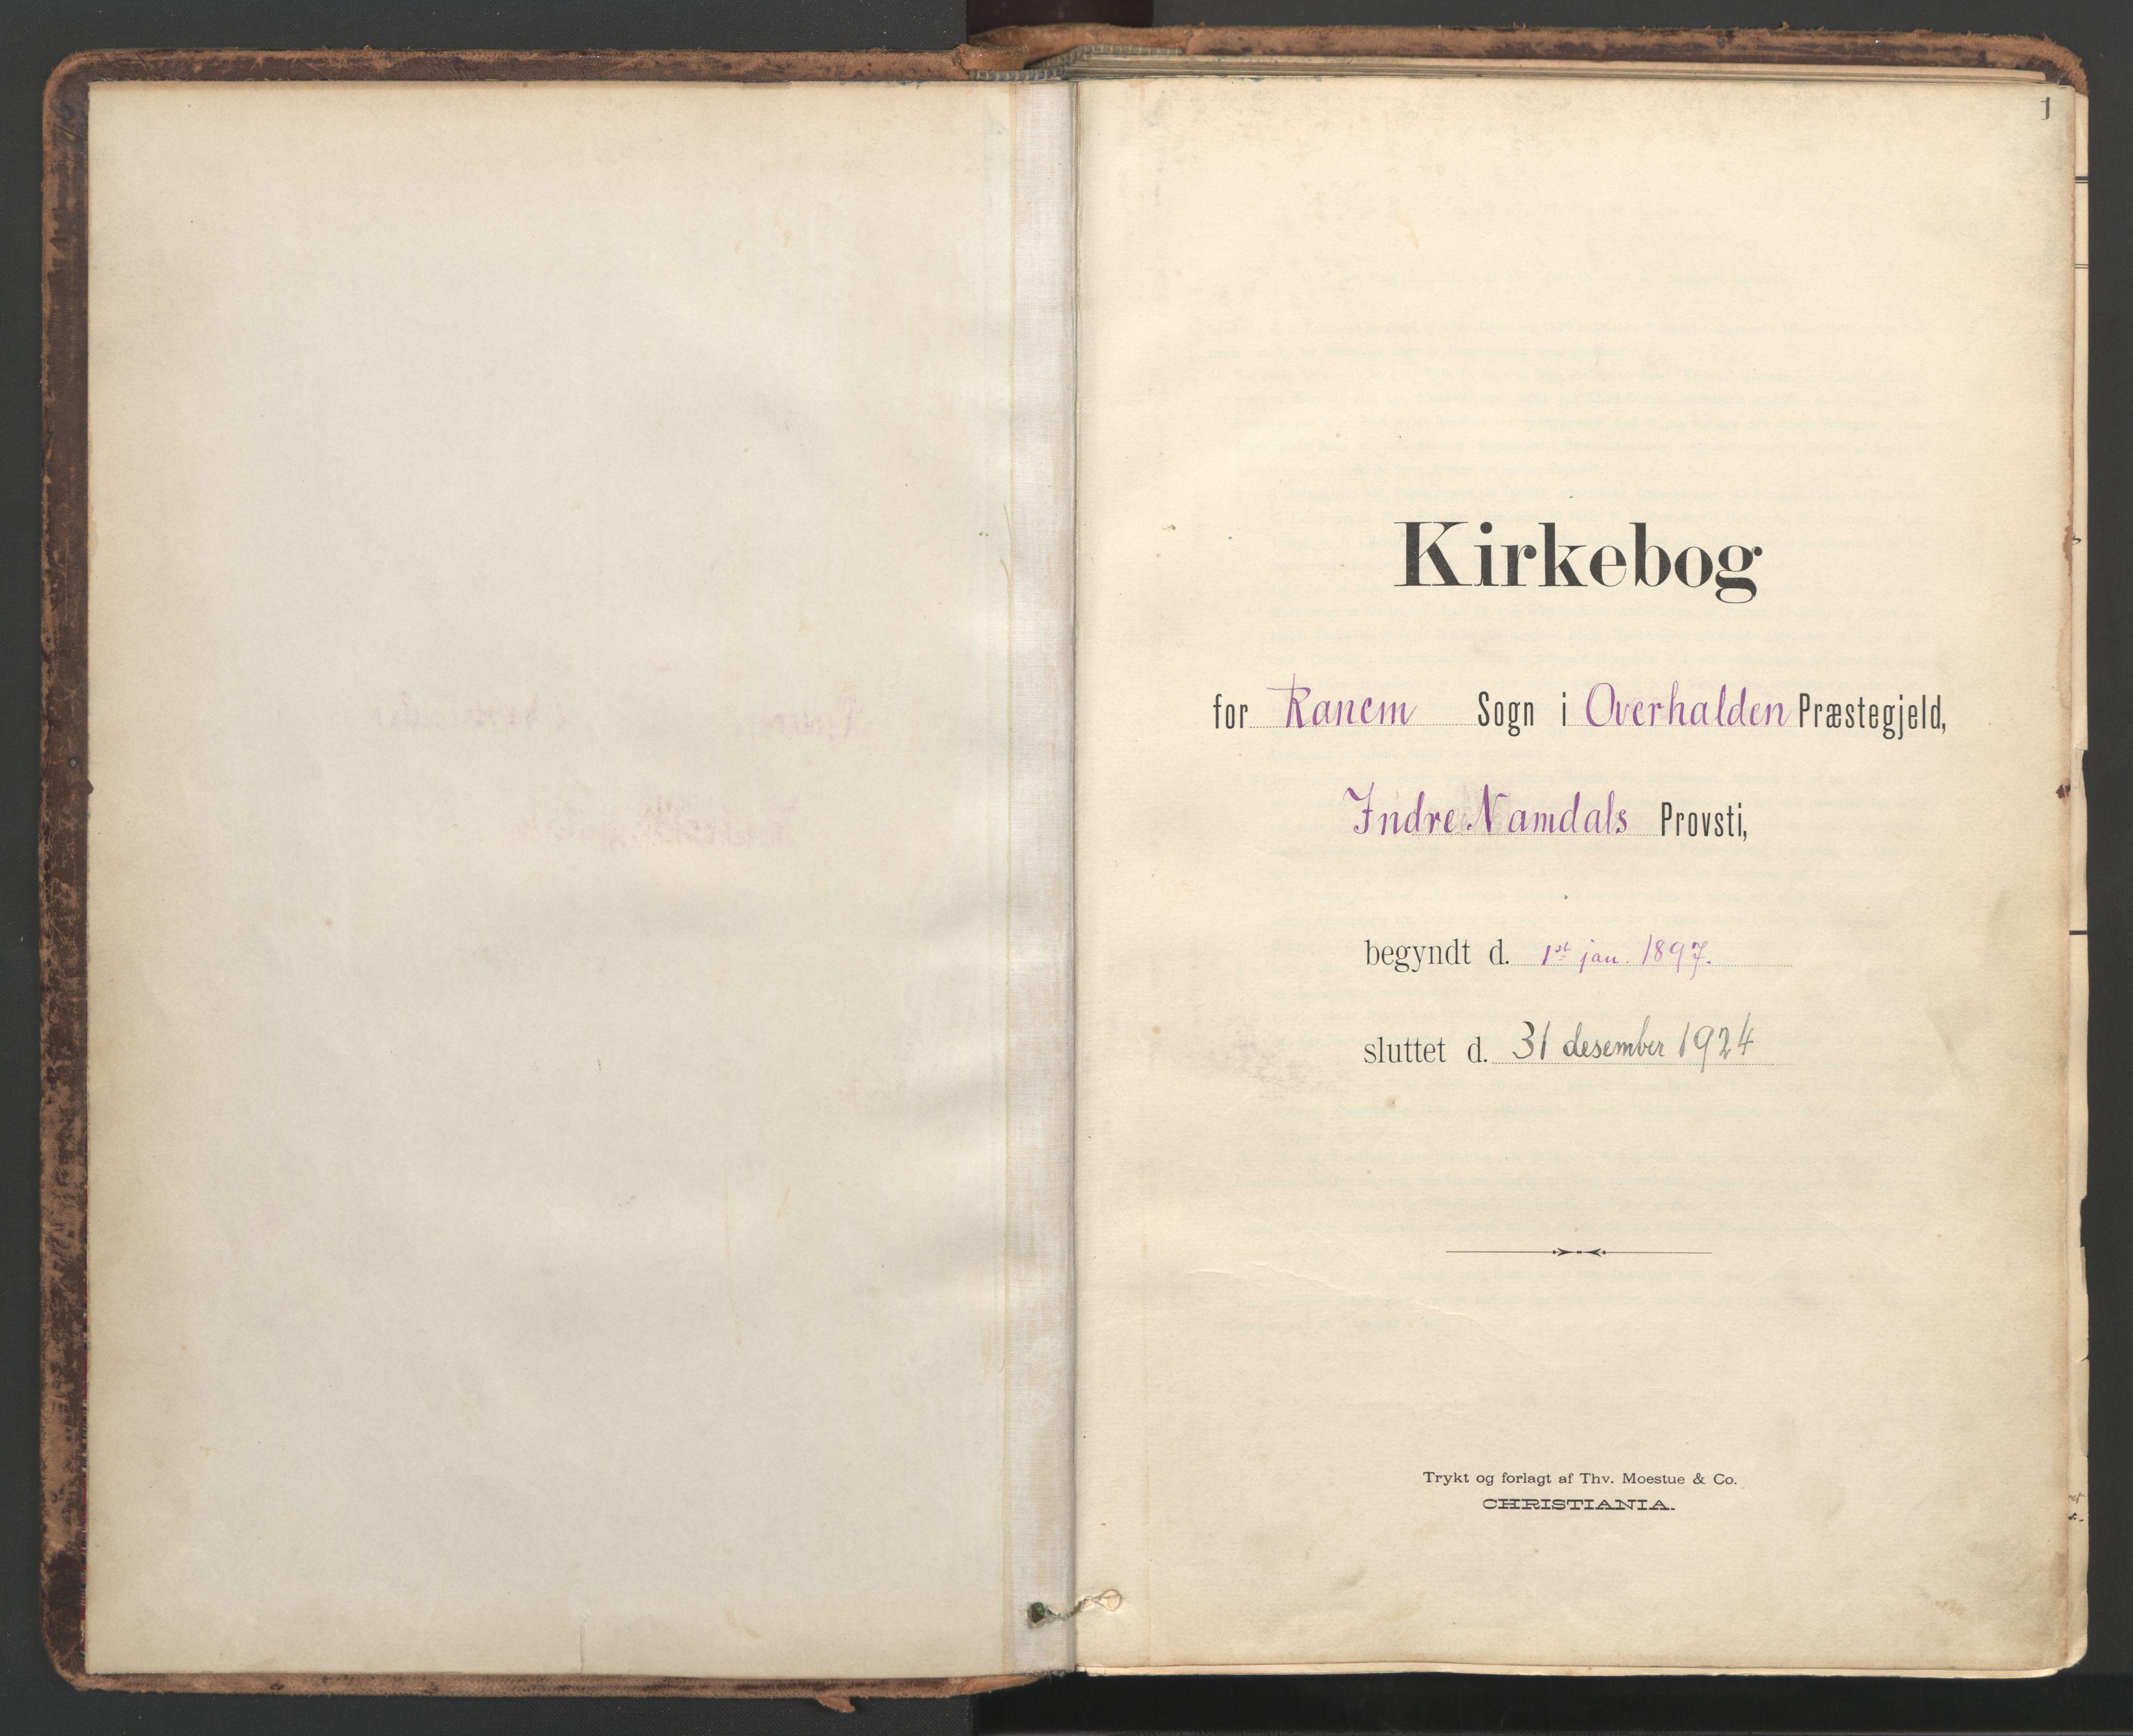 SAT, Ministerialprotokoller, klokkerbøker og fødselsregistre - Nord-Trøndelag, 764/L0556: Ministerialbok nr. 764A11, 1897-1924, s. 1